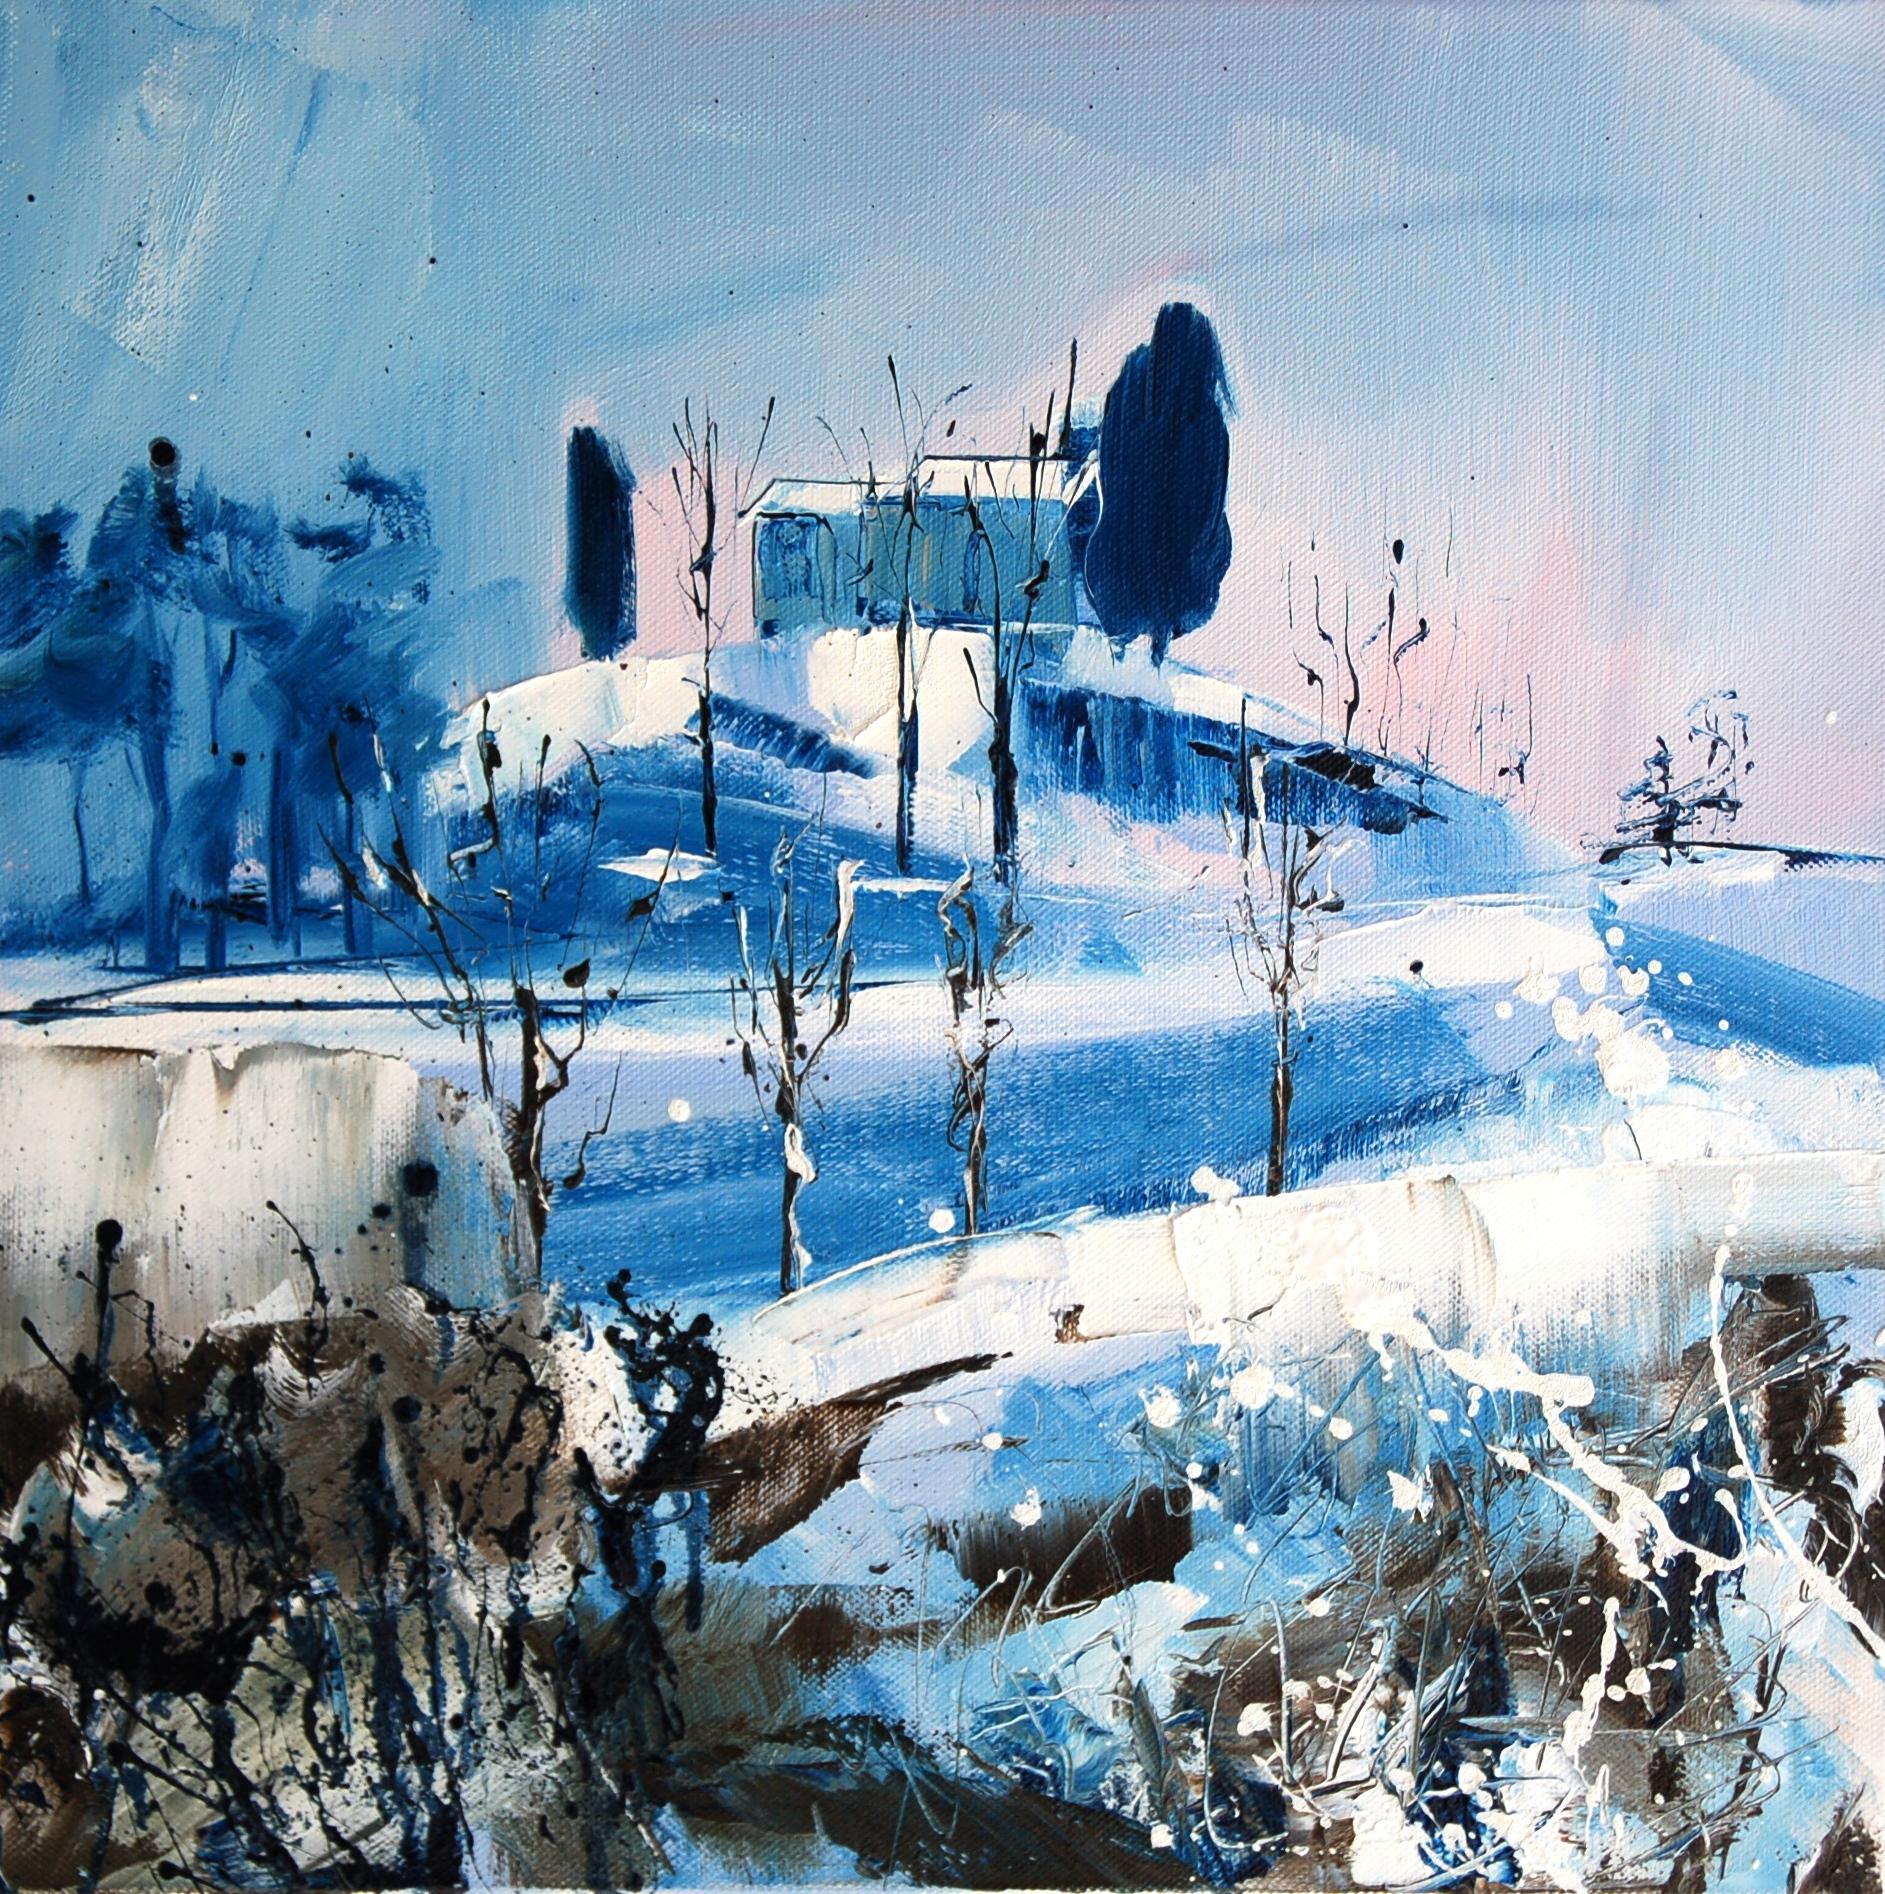 La Capella Nella Neve